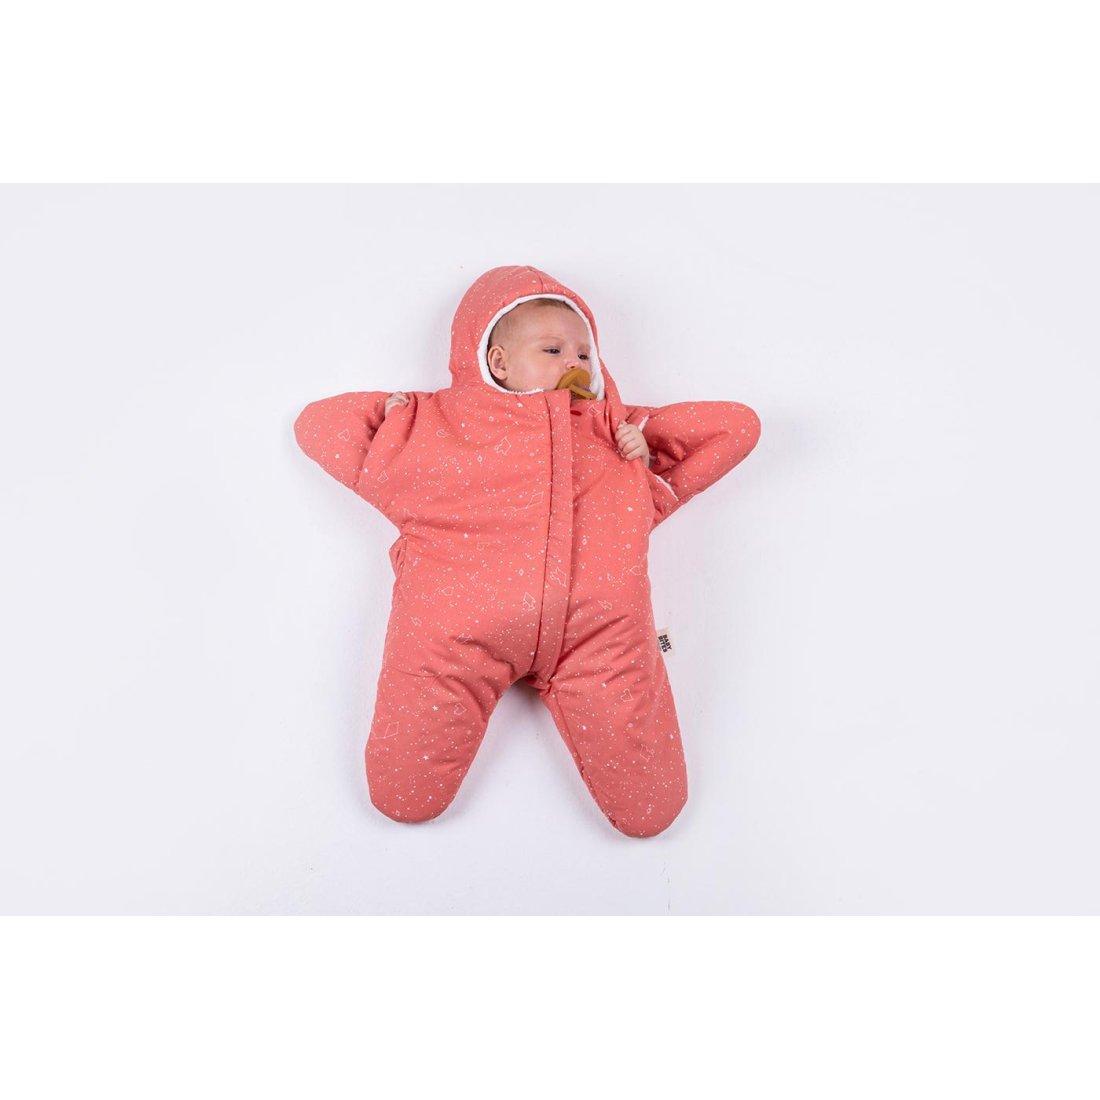 dormir Saco de dormir bebés para Saco para Saco bebés de yI6Yfvmb7g